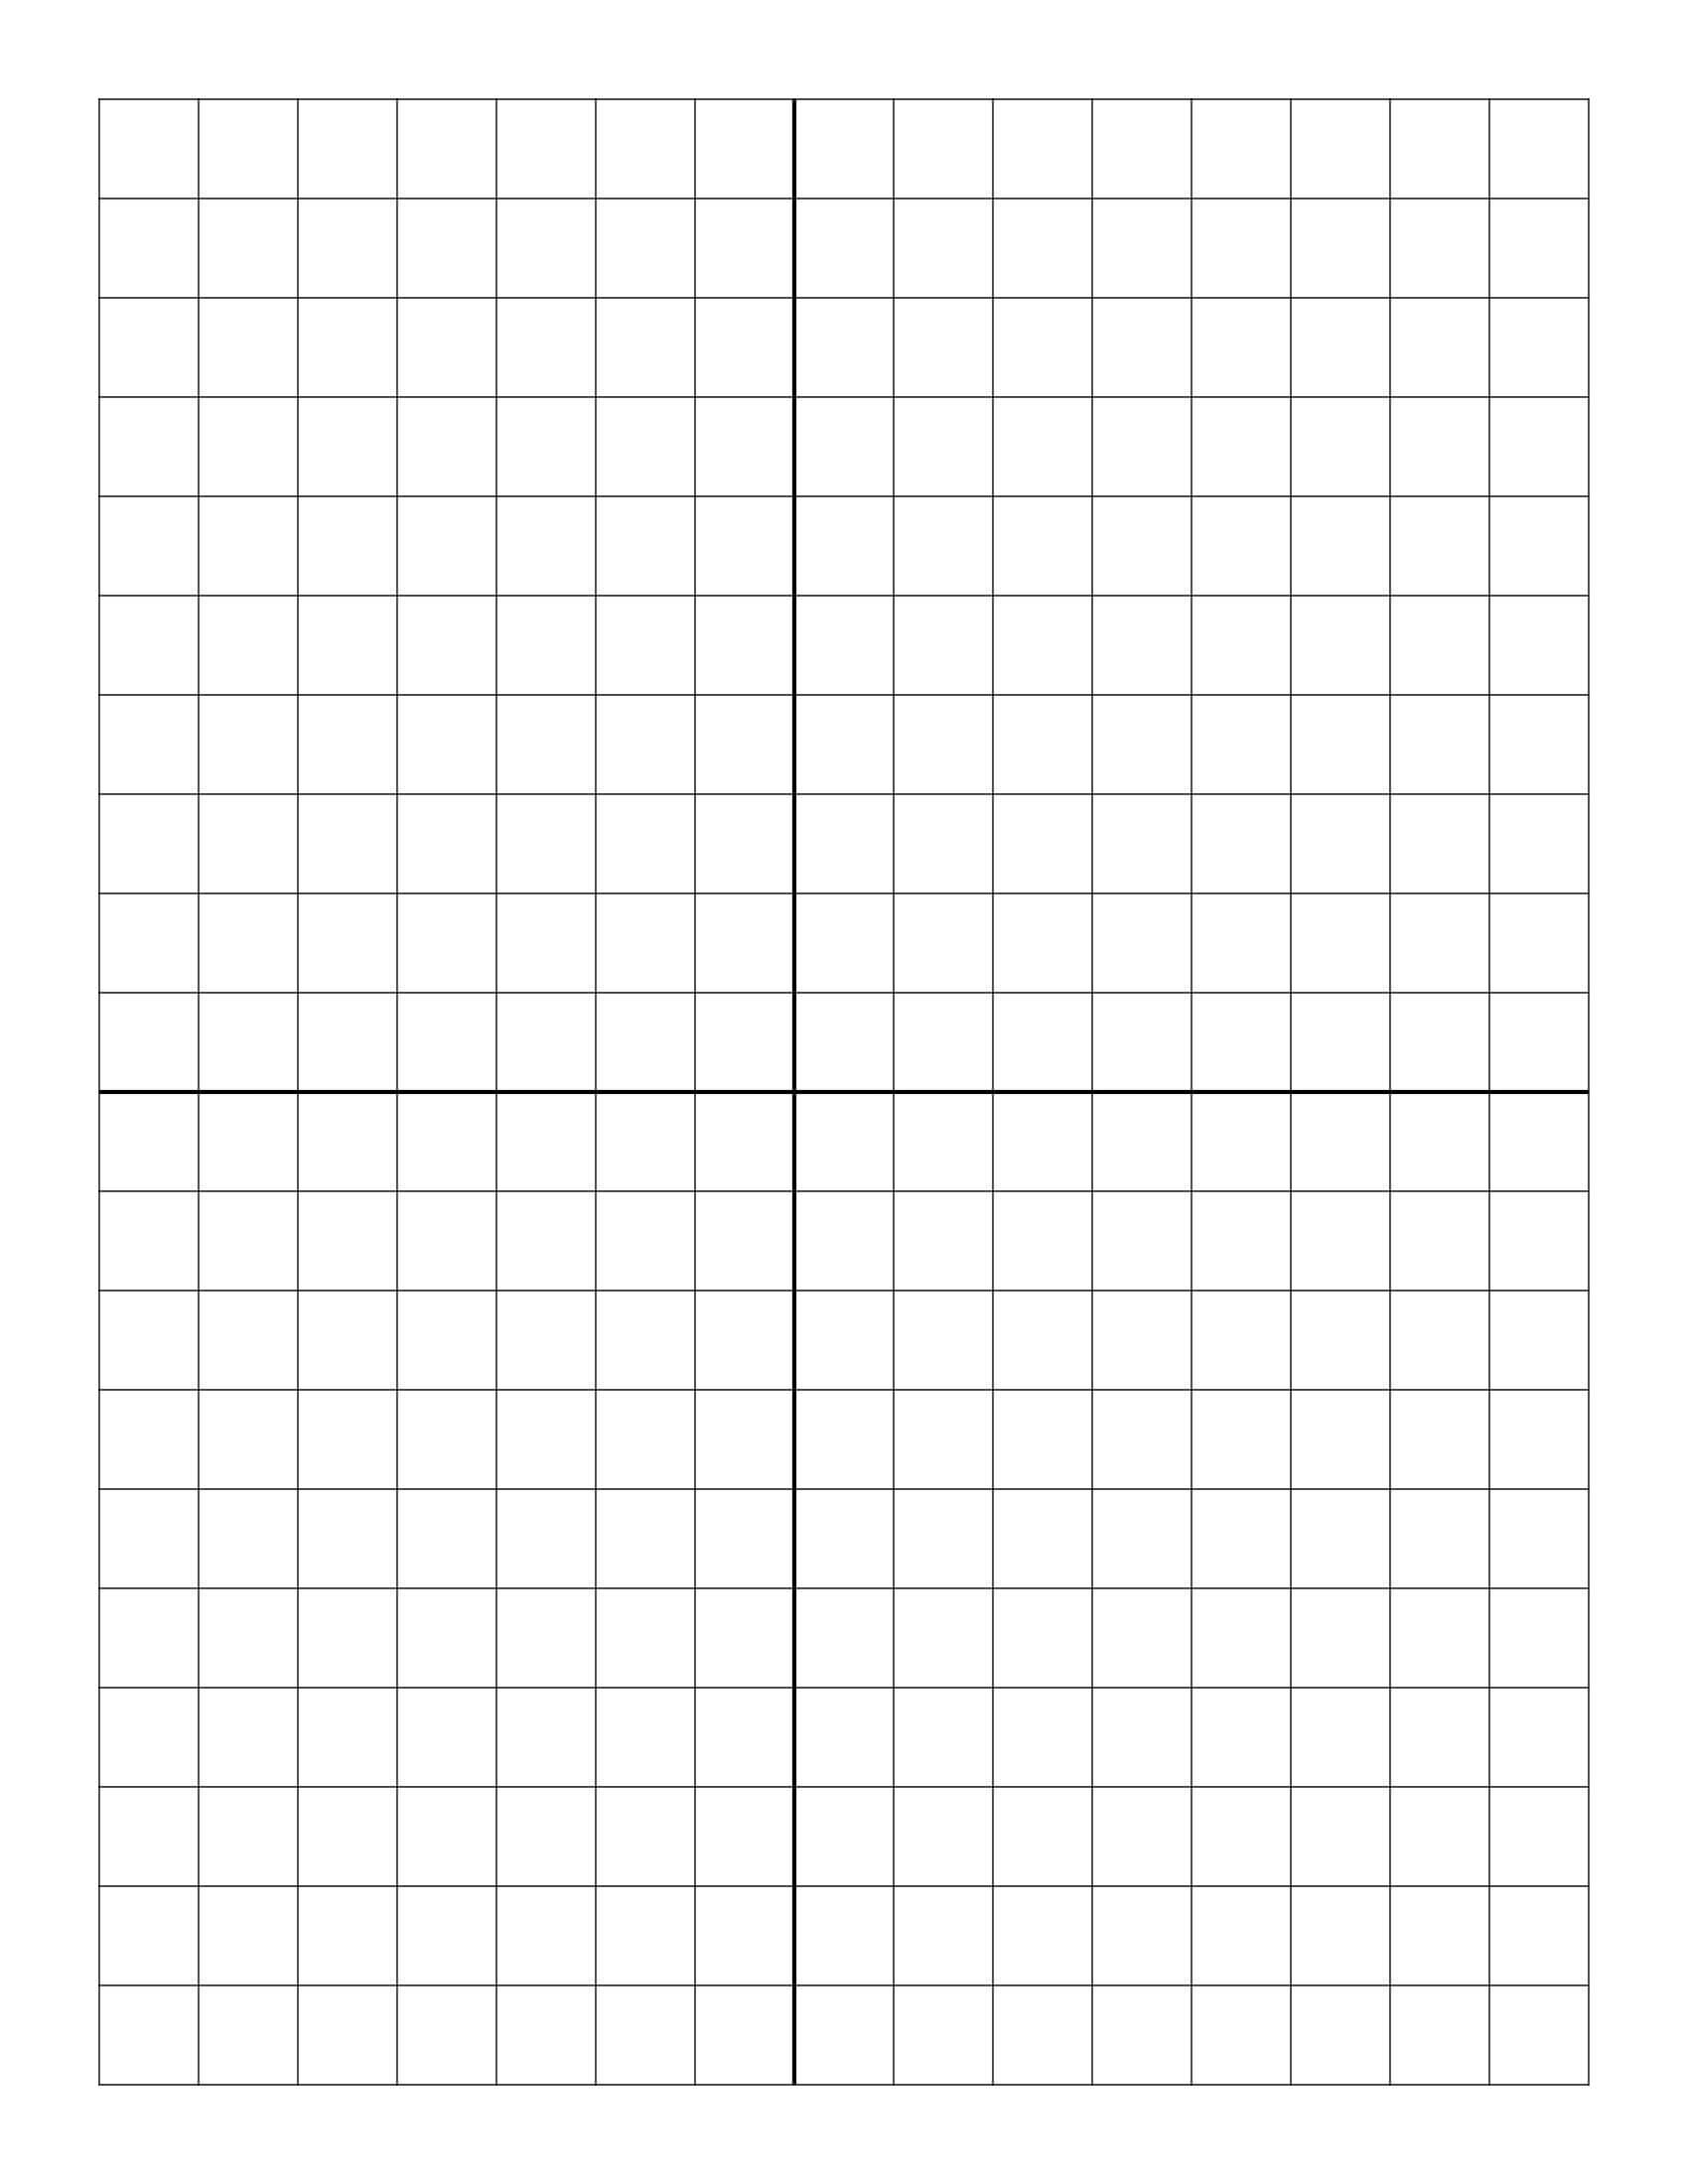 Free Online Graph Paper Plain For 1 Cm Graph Paper Template Intended For 1 Cm Graph Paper Template Word